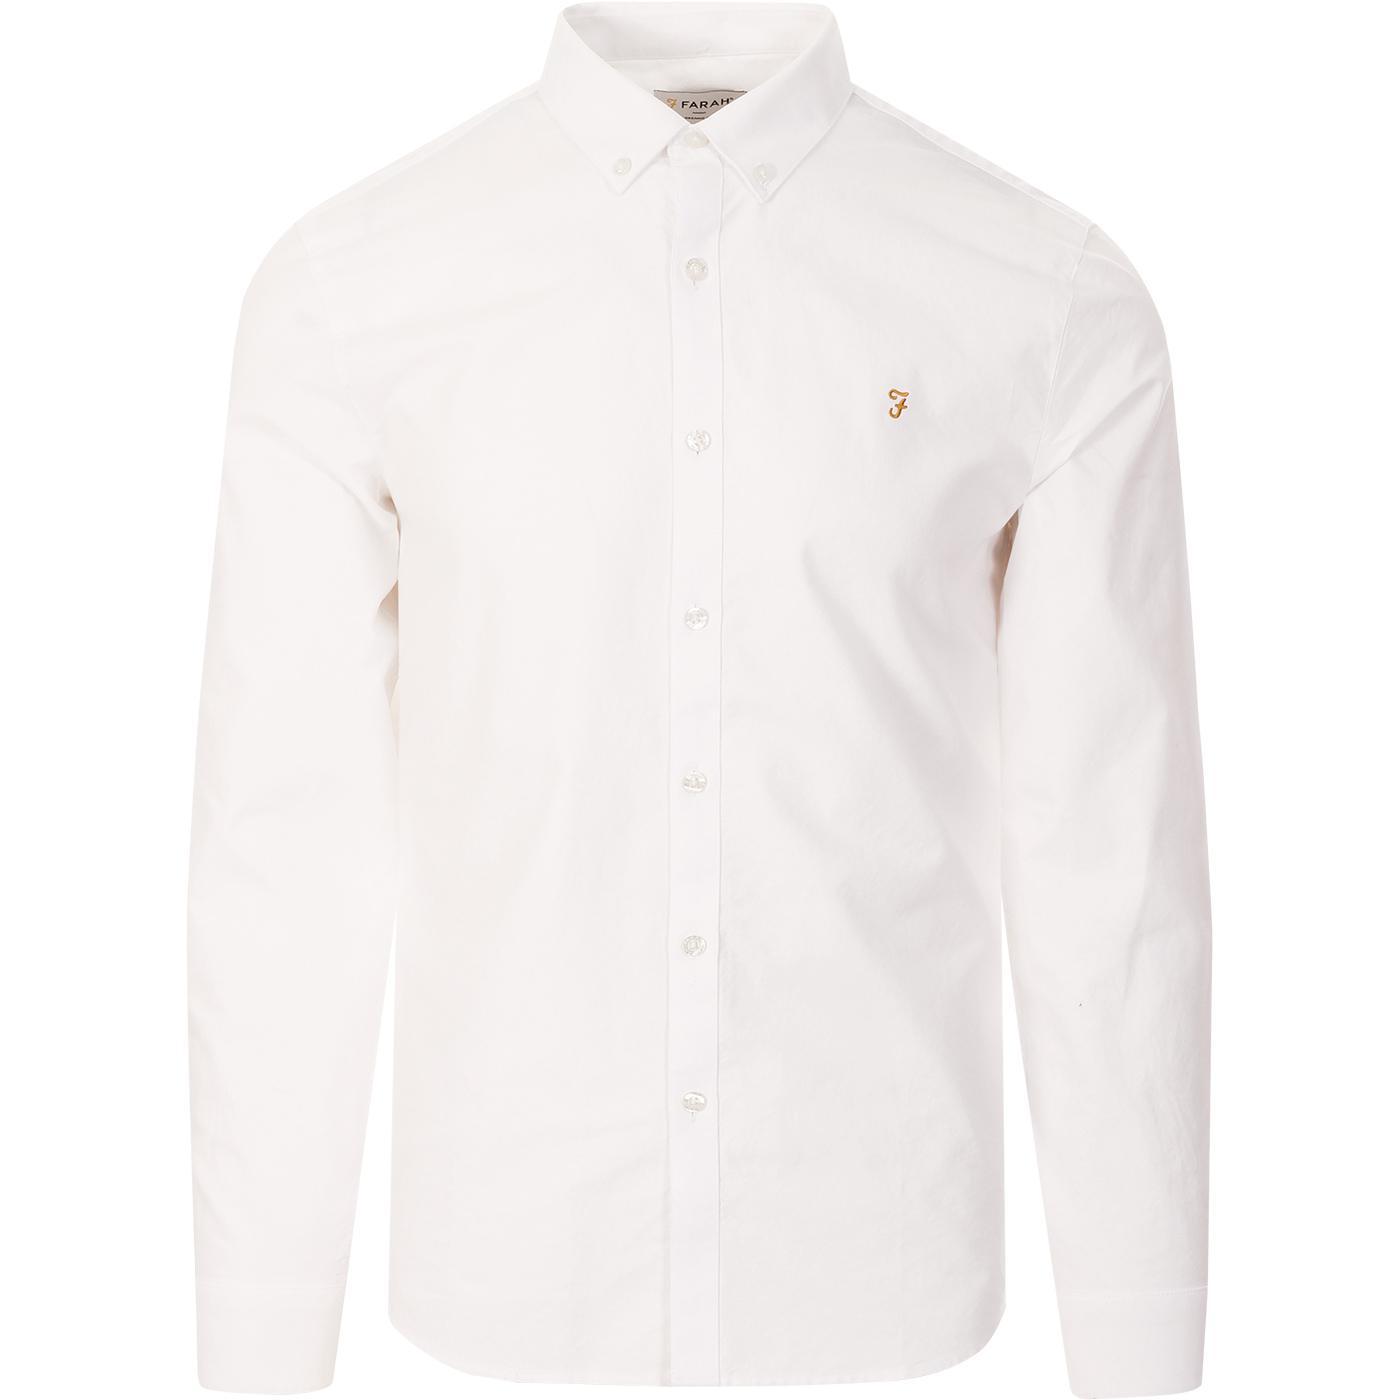 Brewer FARAH Slim Button Down Oxford Shirt (White)